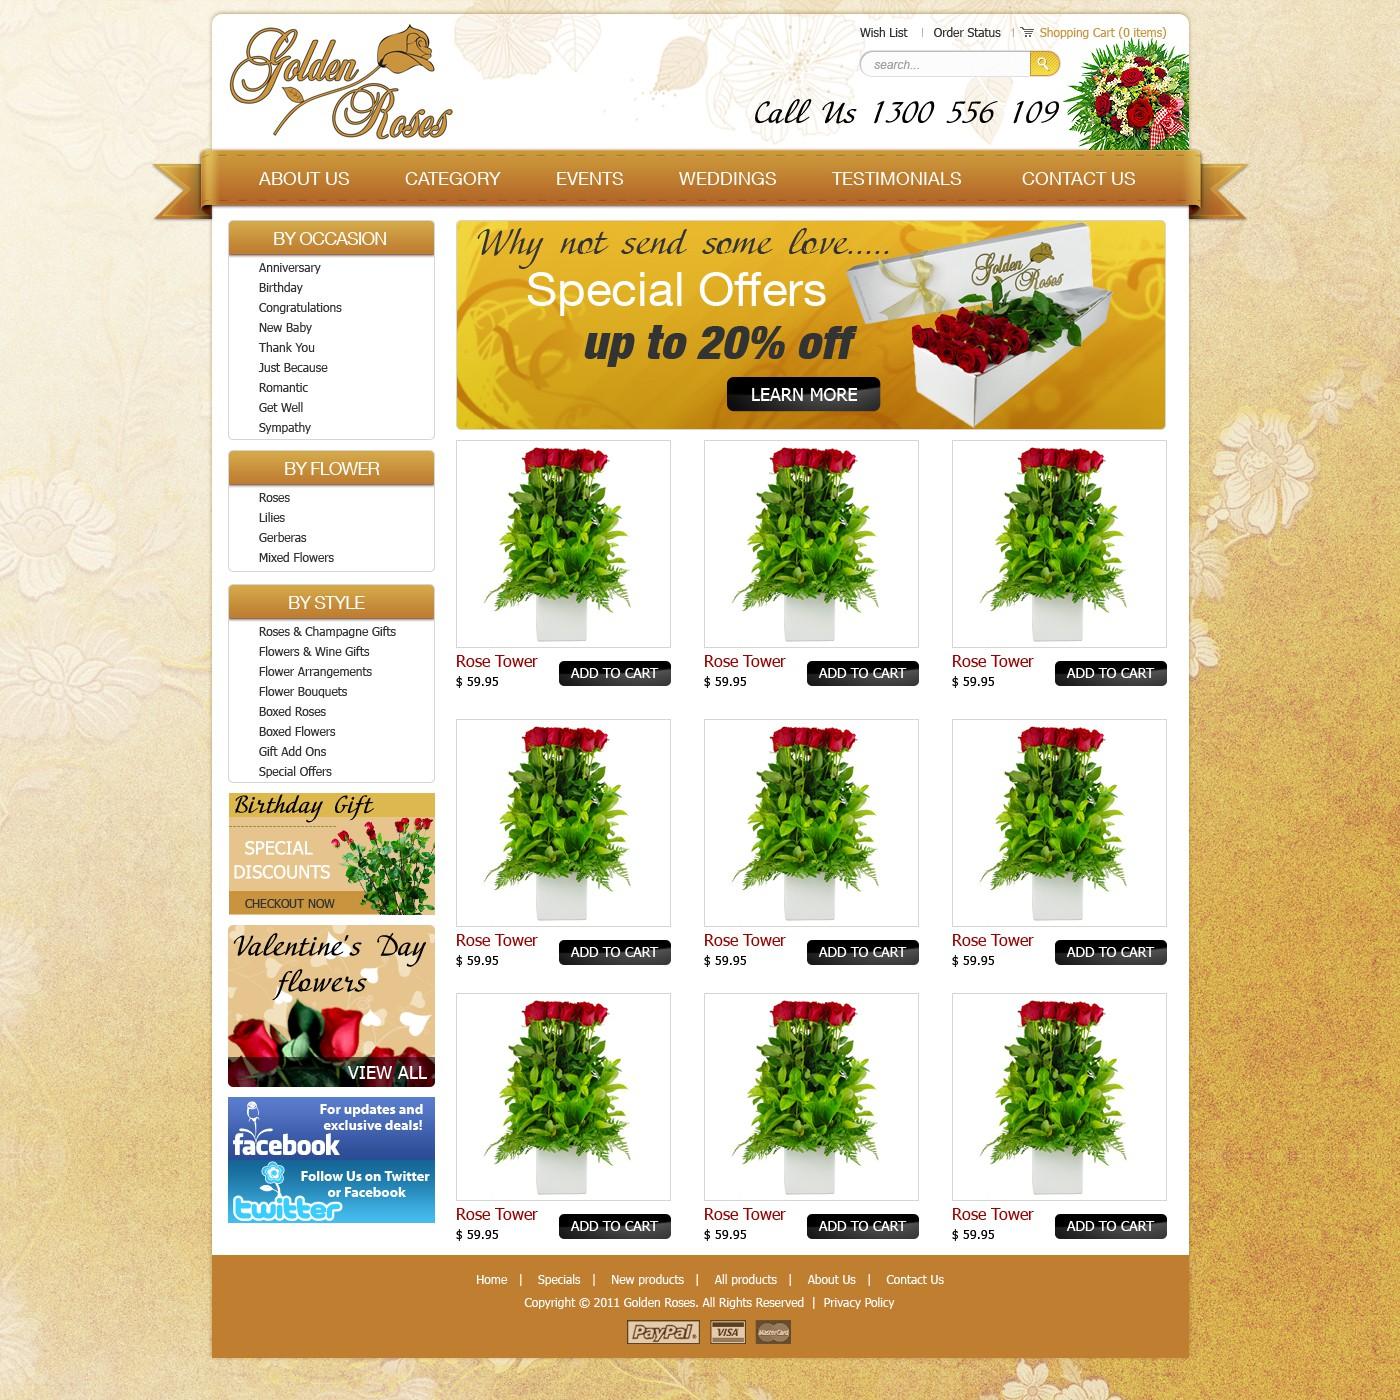 Golden Roses needs a new website design